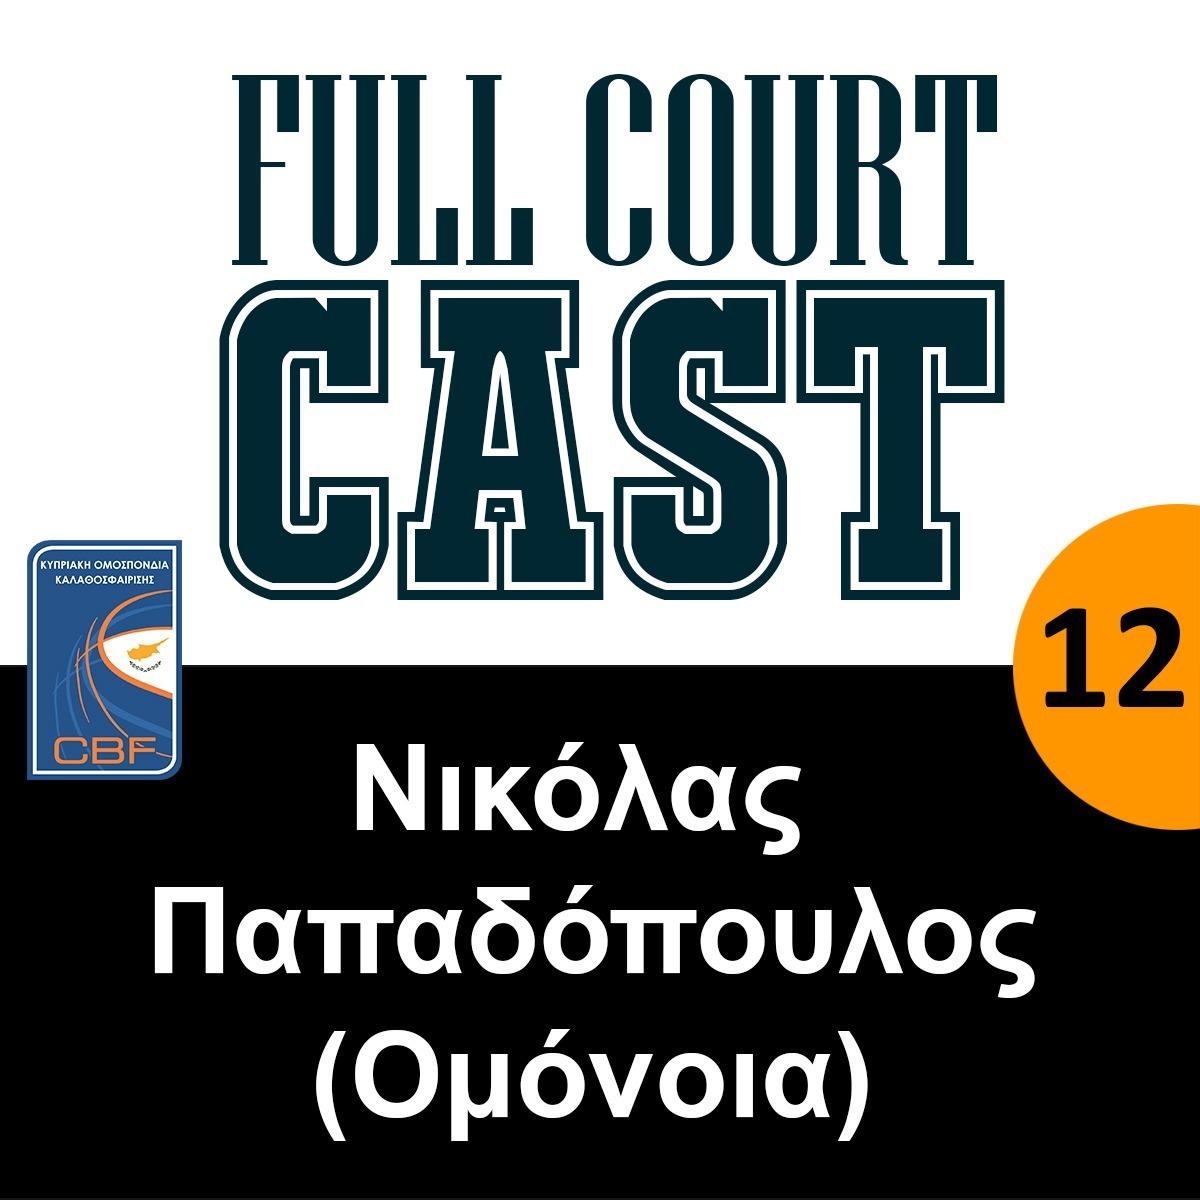 12 - Νικόλας Παπαδόπουλος (Ομόνοια)